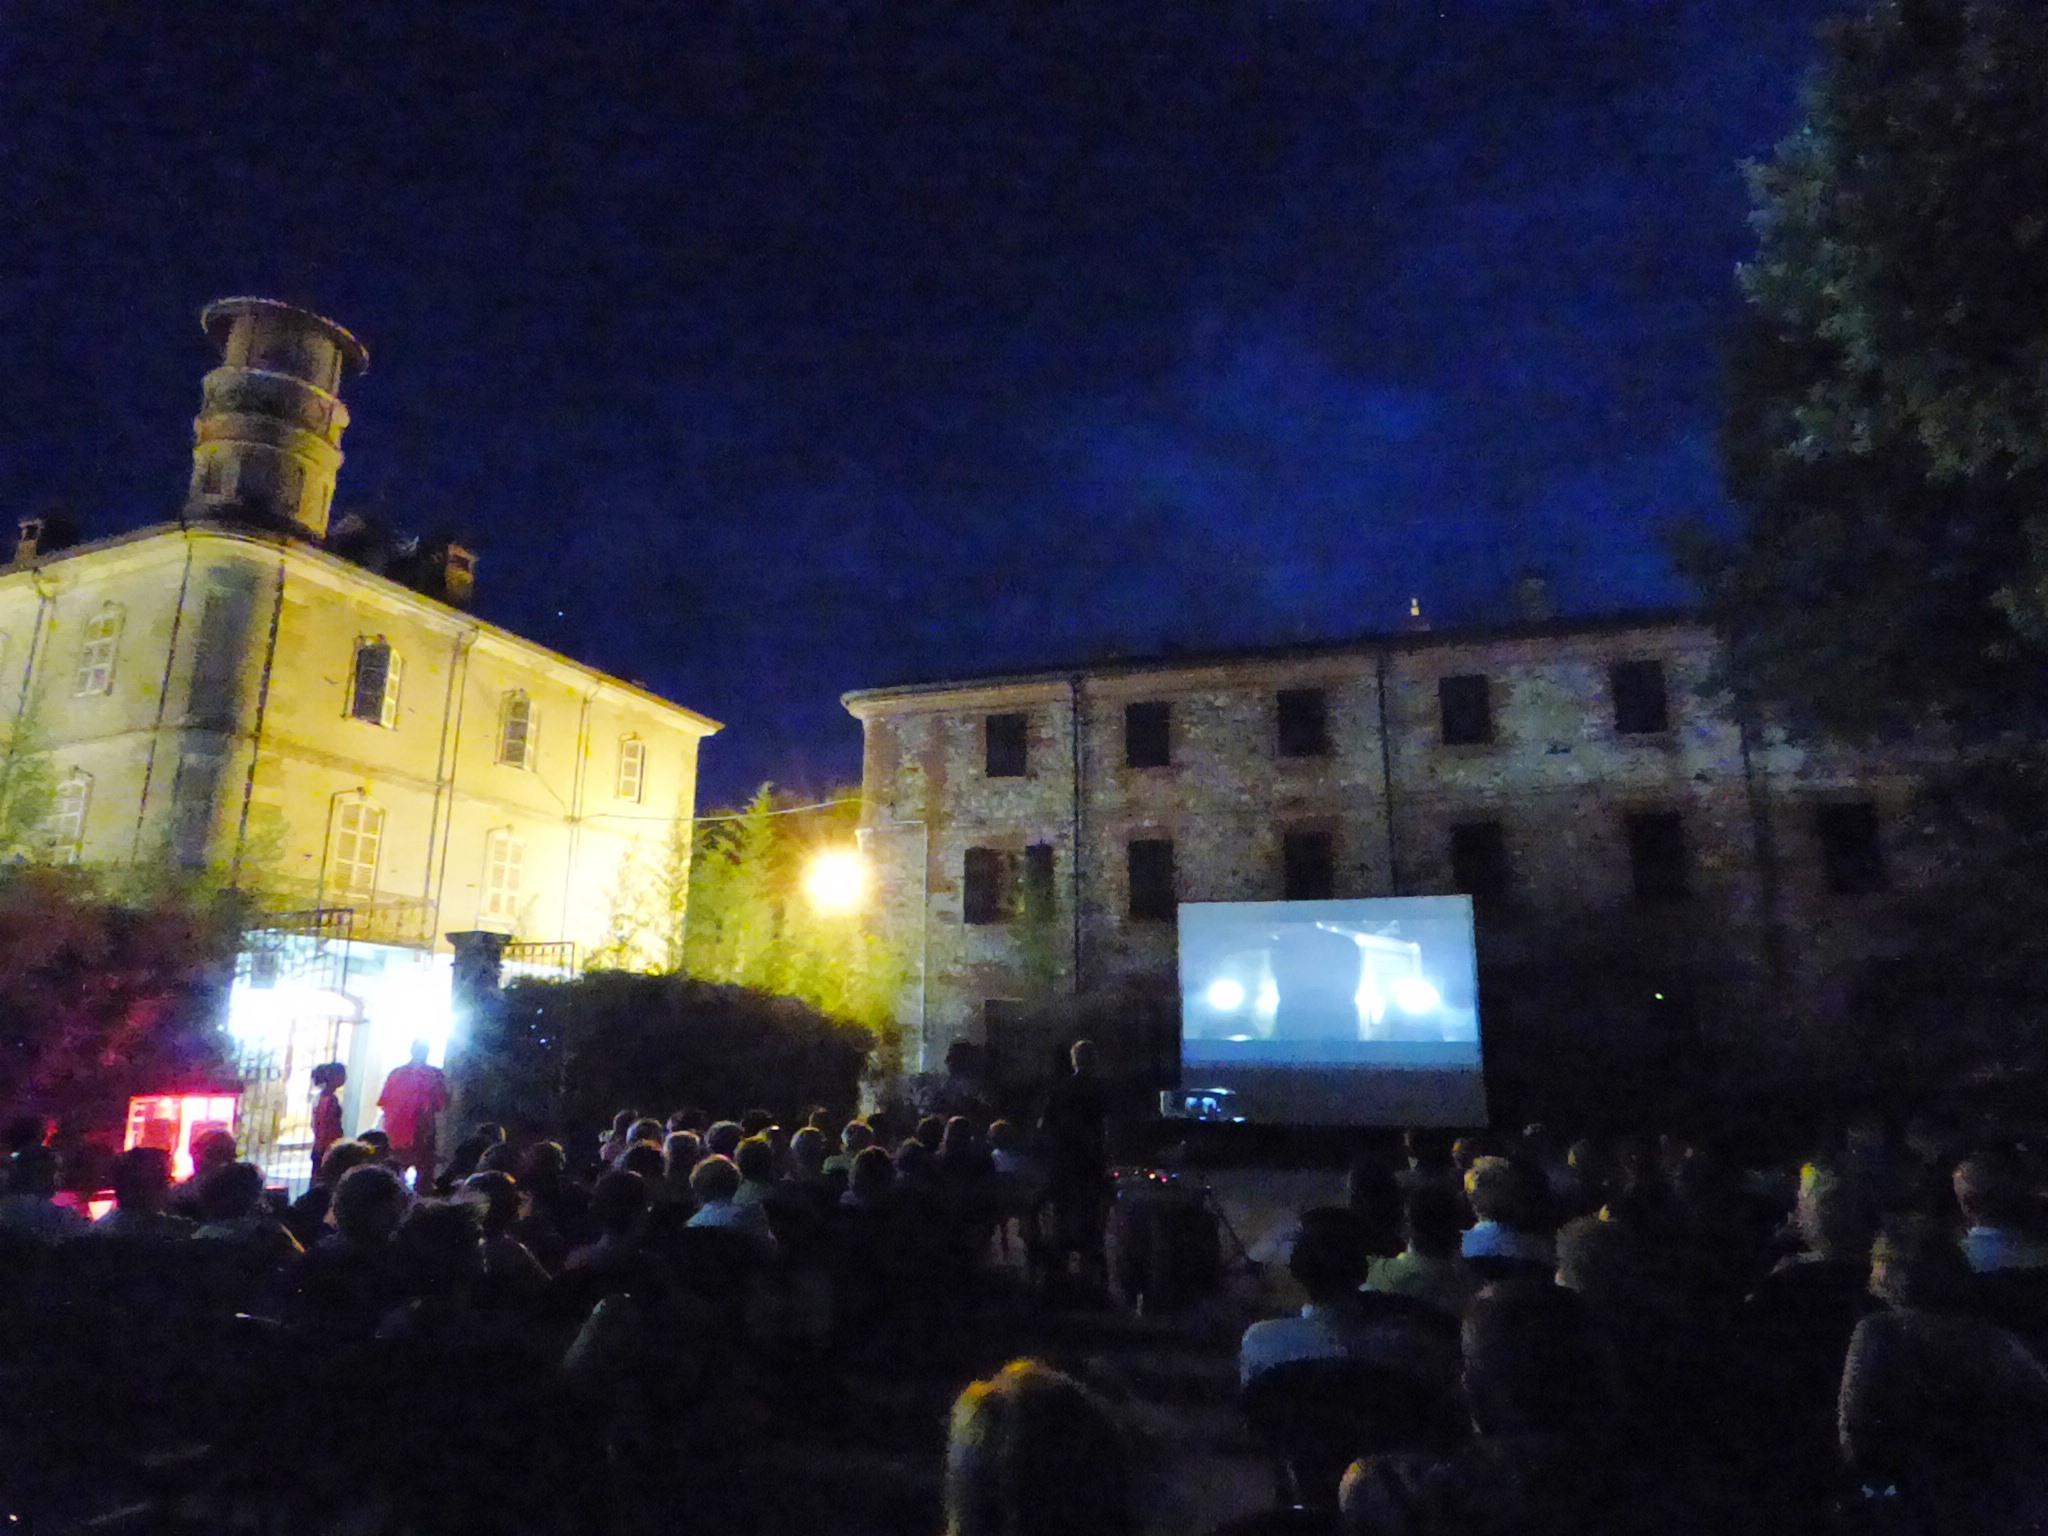 Cinema sotto le stelle a Rivergaro 4 agosto 2016